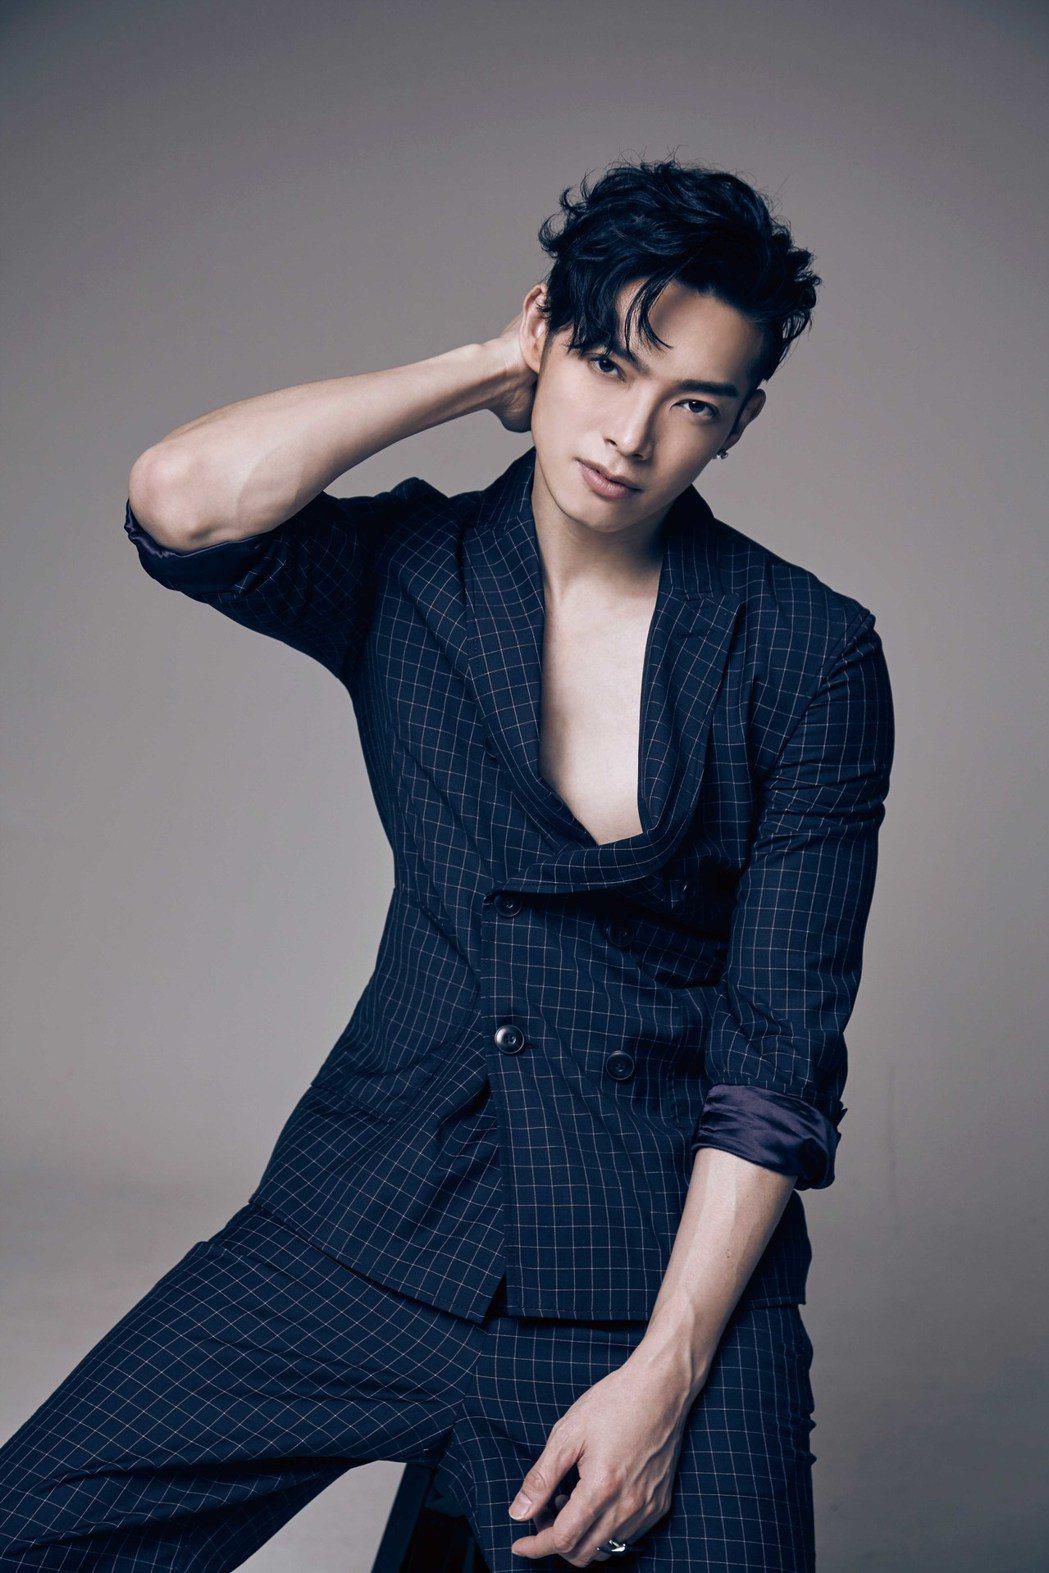 辰亦儒回歸,推出迷你專輯「IN」,打造男神紳士風。圖/華研提供